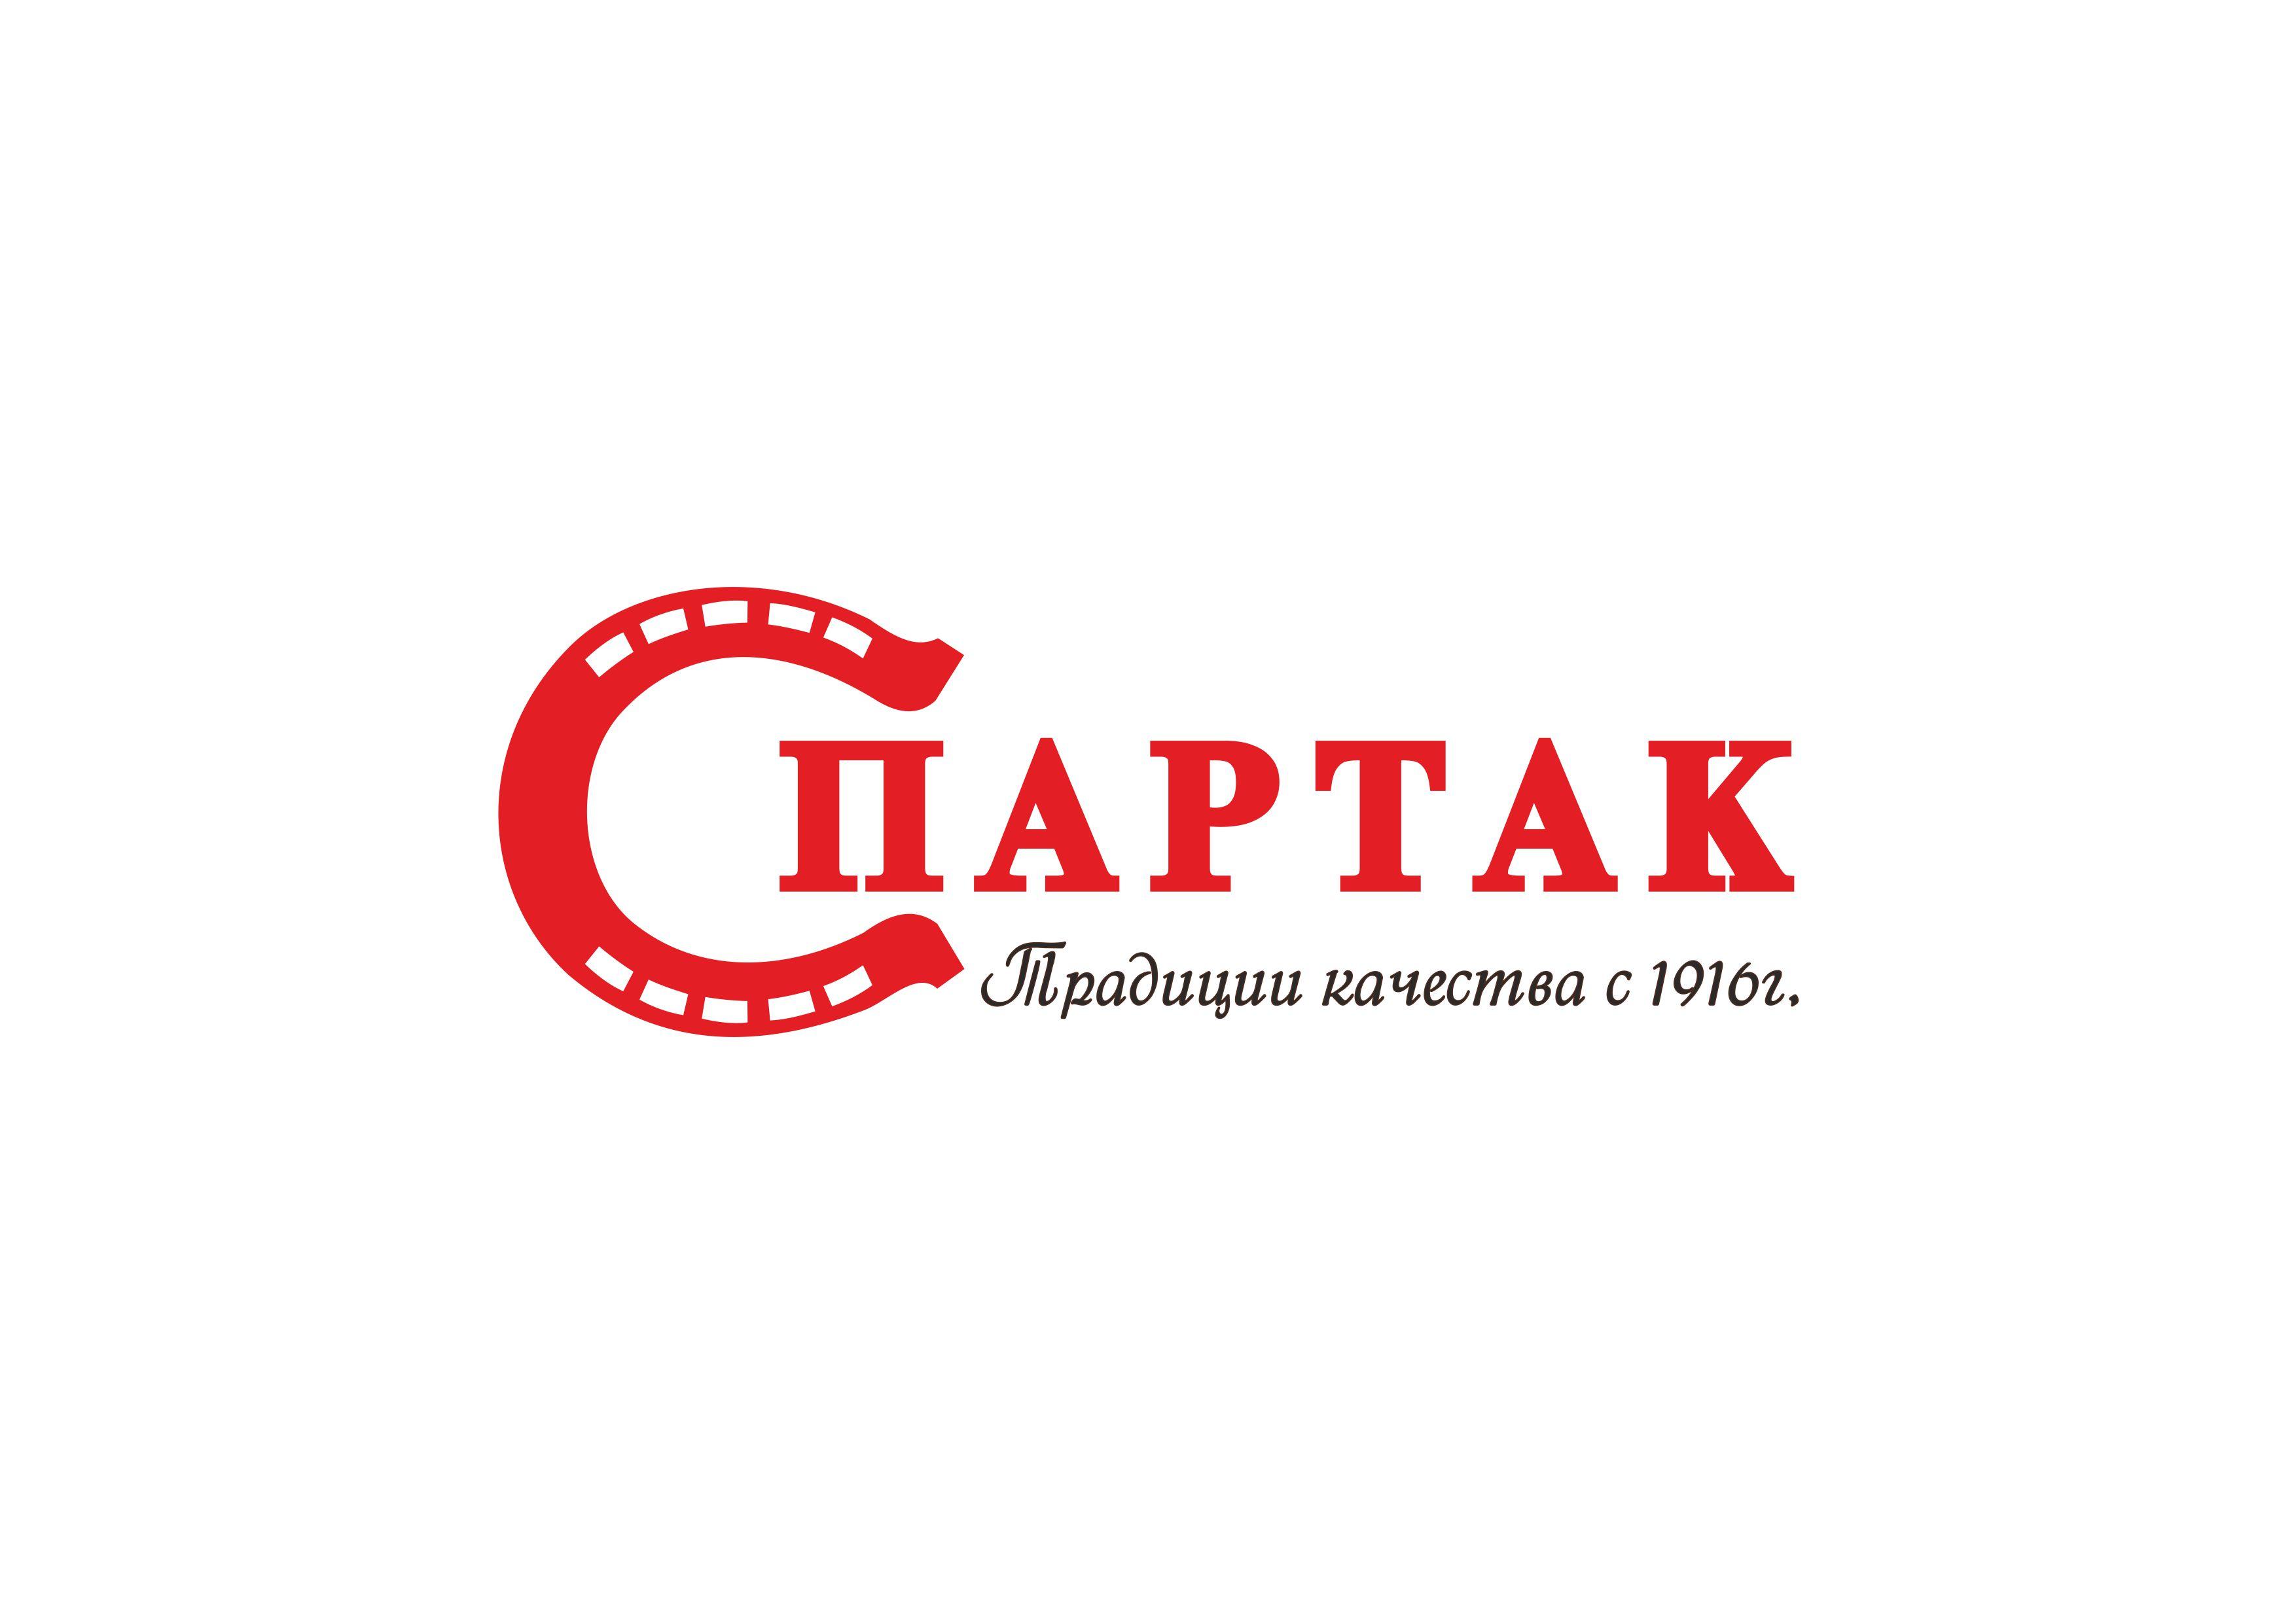 Спартак, Обувная фабрика